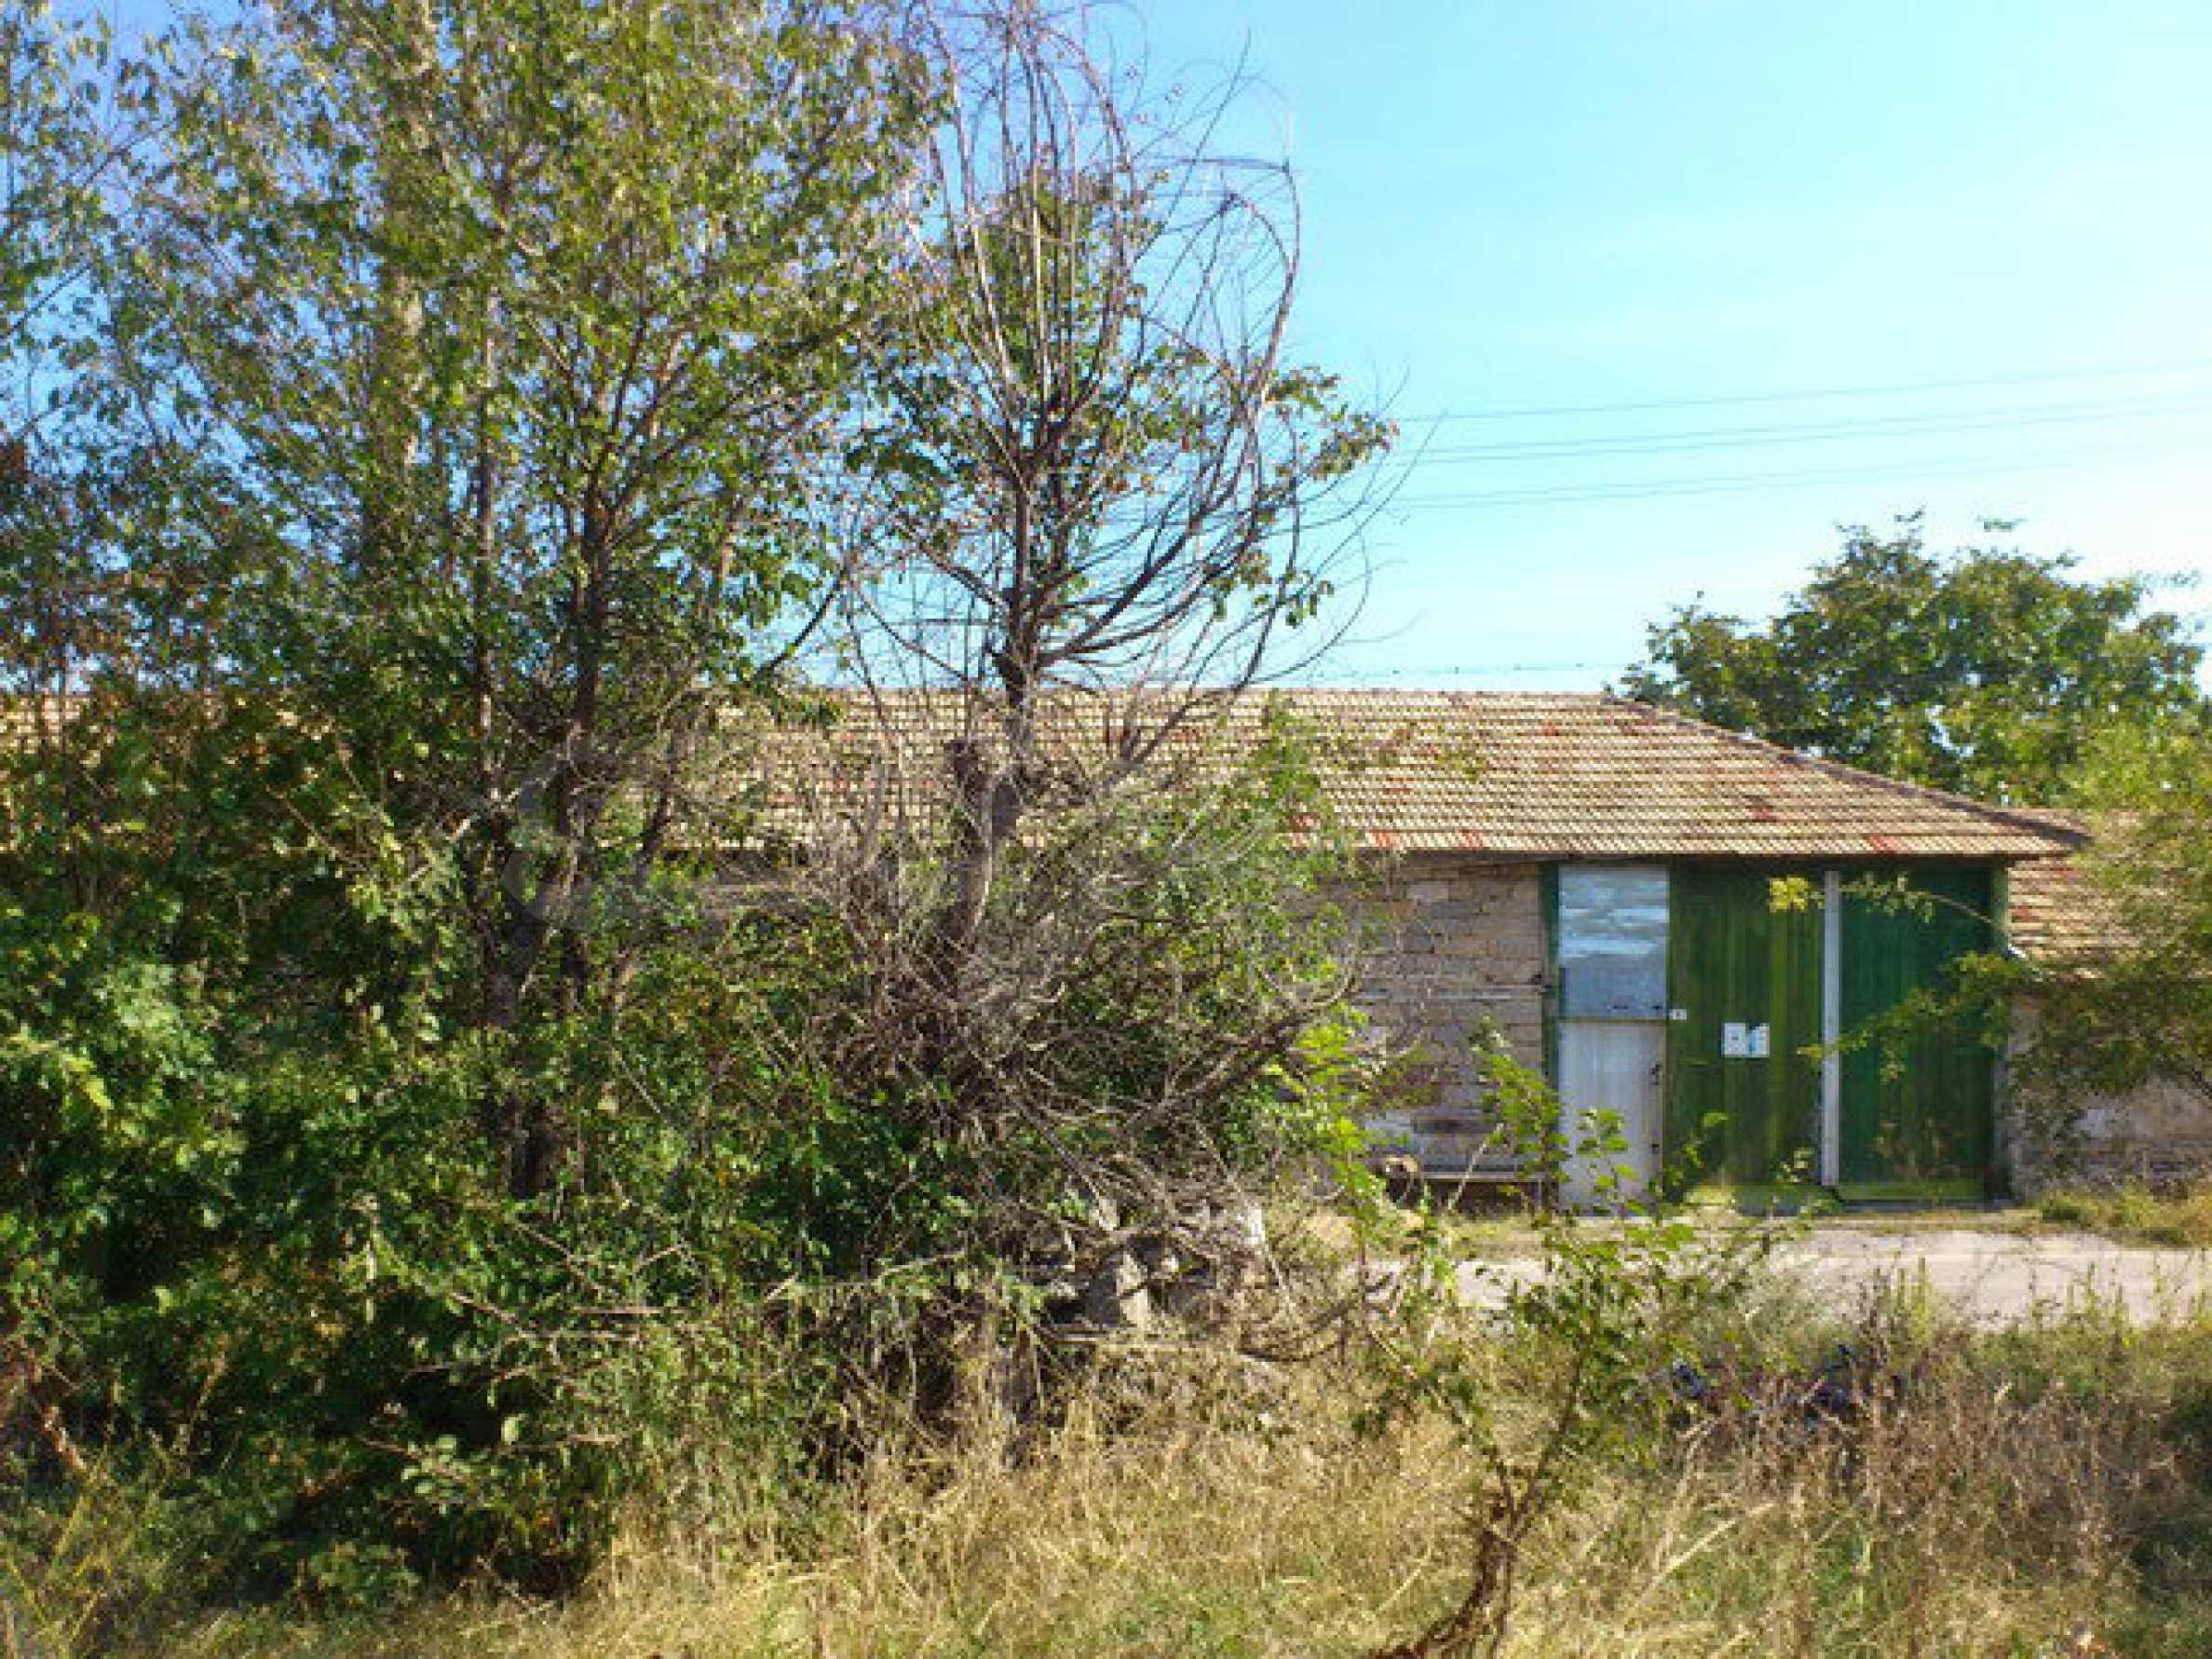 Geregeltes Grundstück mit einem Teil der landwirtschaftlichen Nutzfläche in einem Dorf 9 km. von Veliko Tarnovo 4